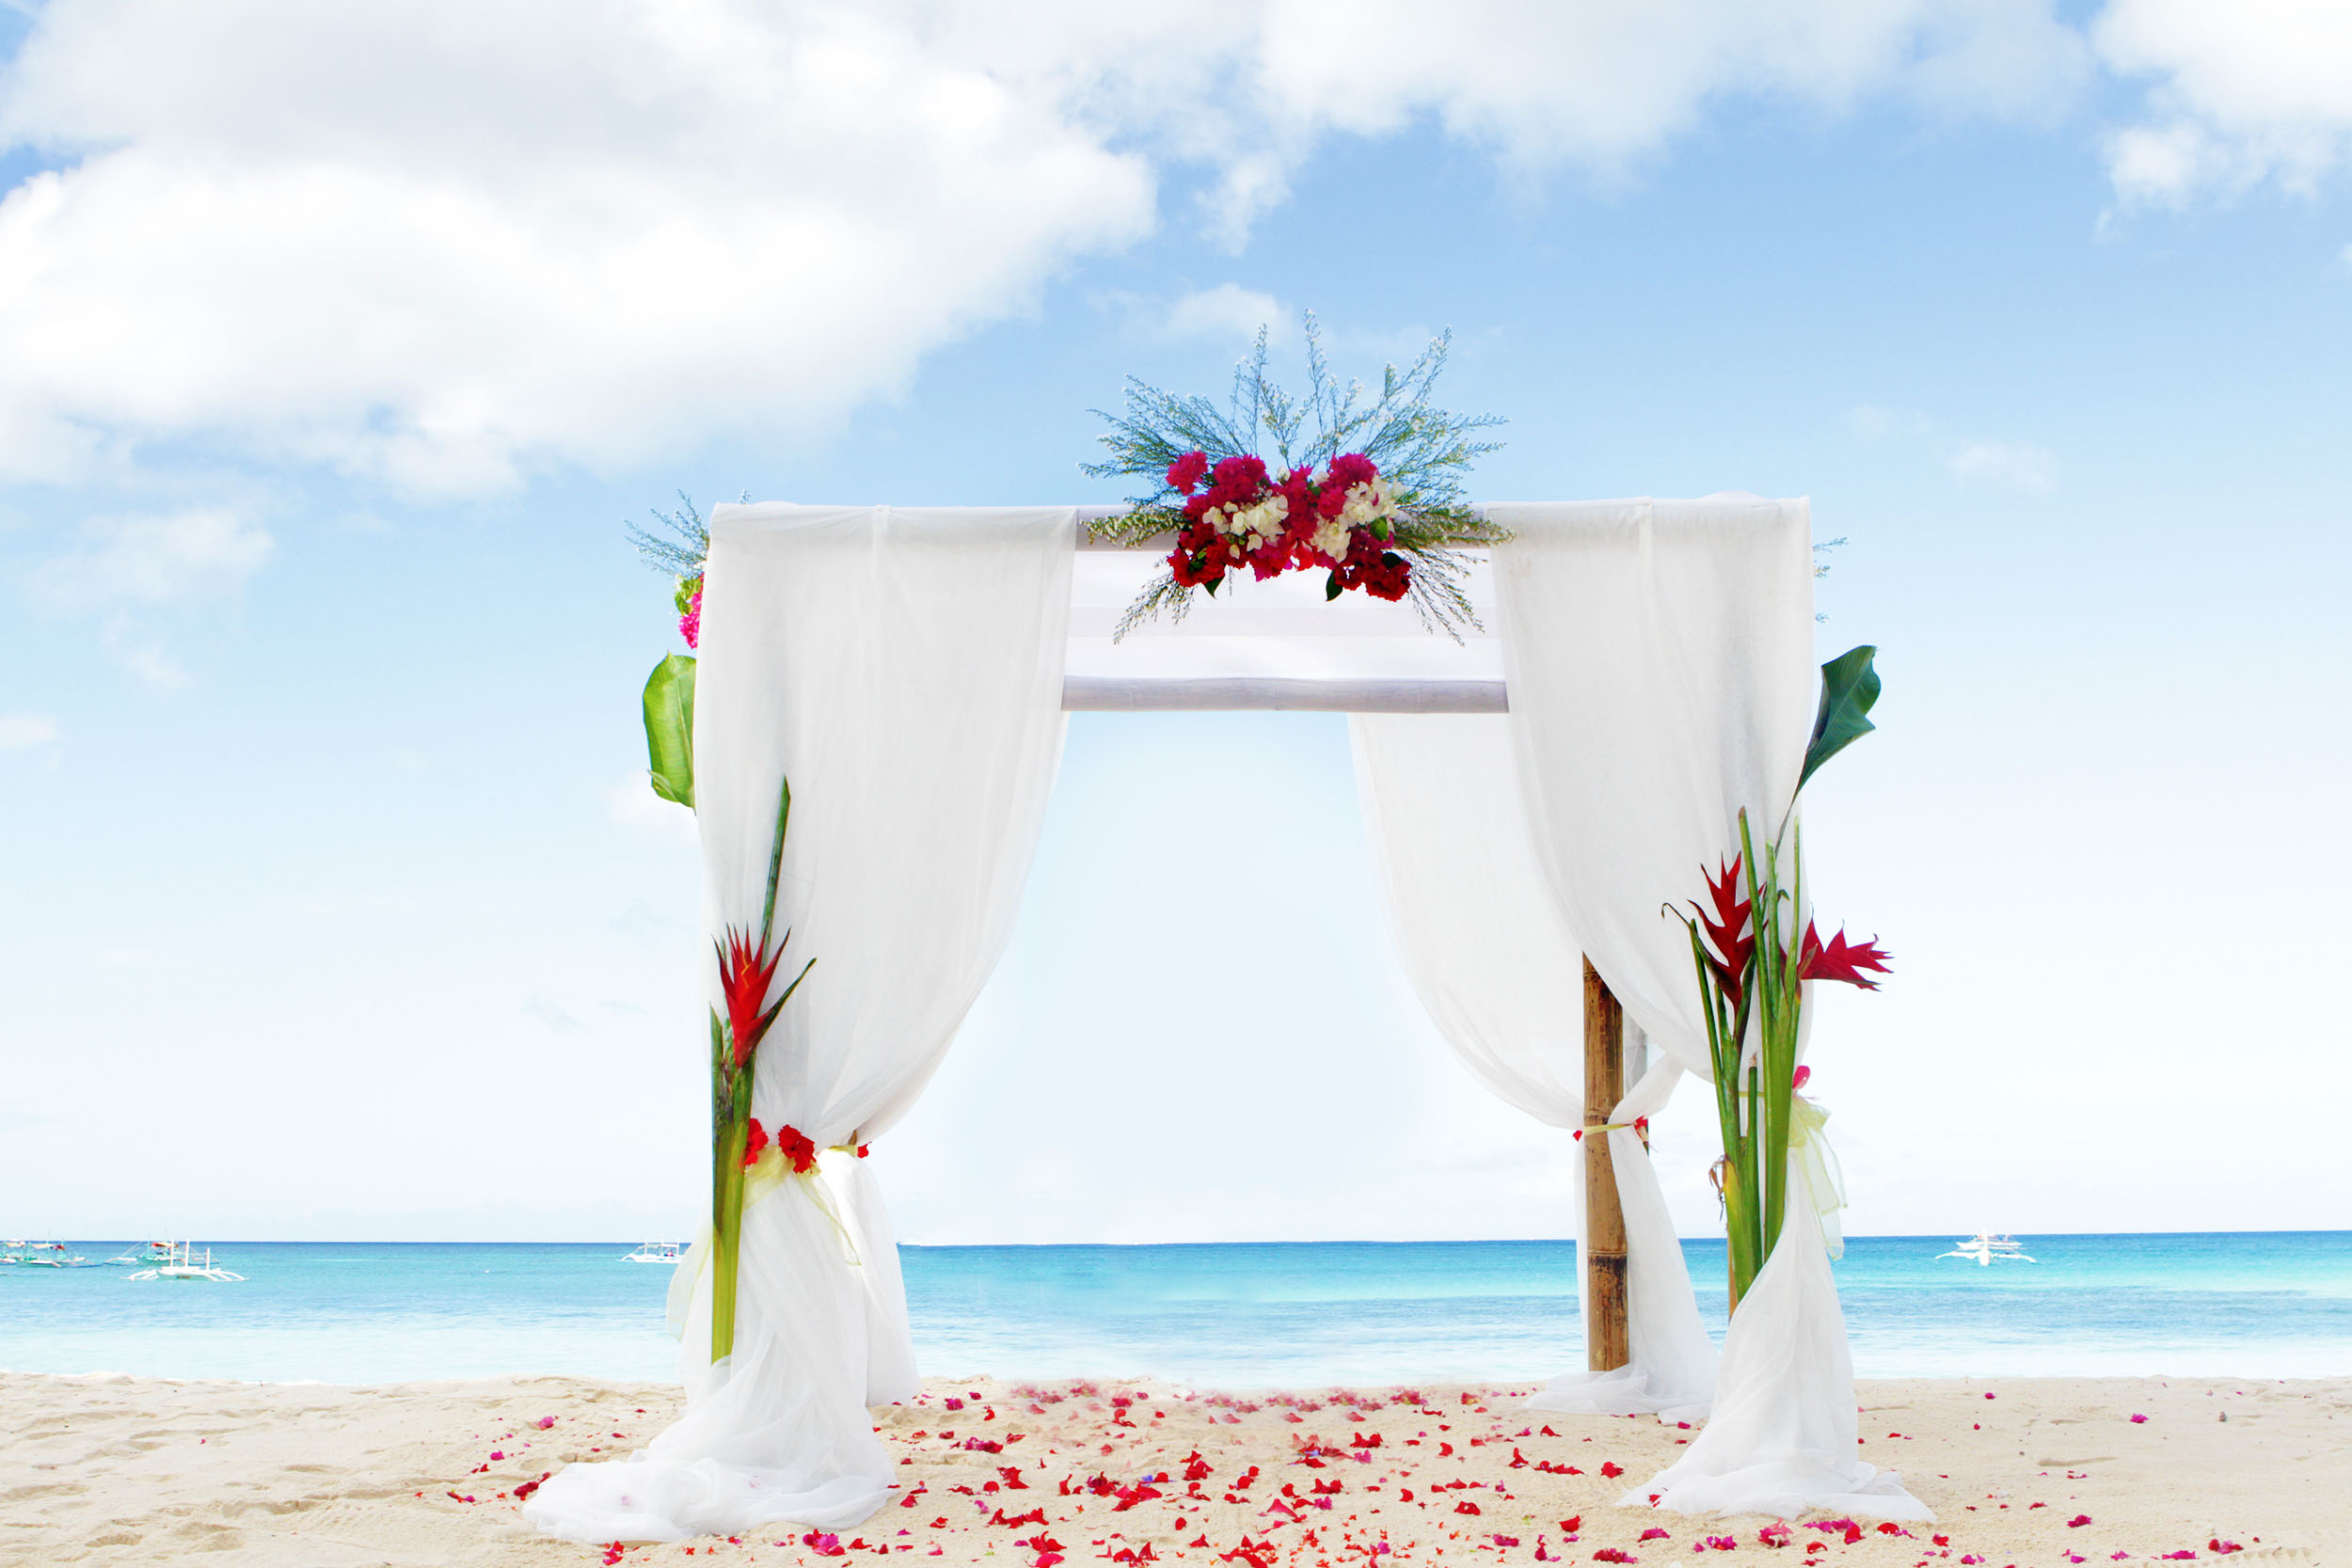 mariage sud pour votre mariage dans le sud agence mariage dans le sud. Black Bedroom Furniture Sets. Home Design Ideas